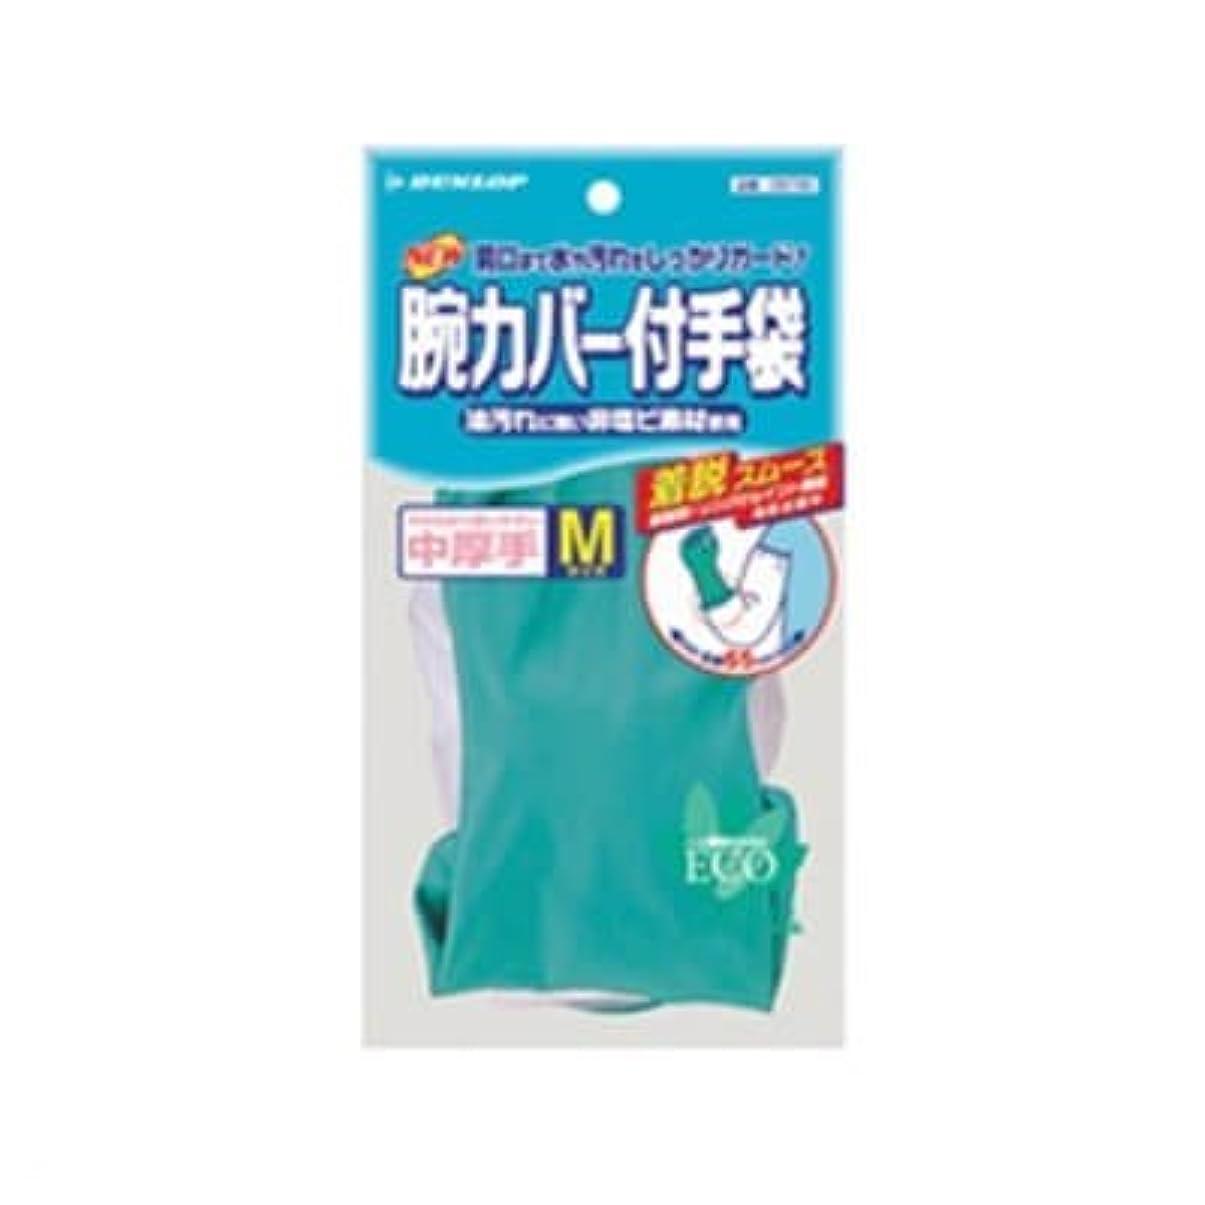 上下する減少一時的【ケース販売】 ダンロップ ニトリル中厚手 腕カバー付手袋 M グリーン (5双×12袋)